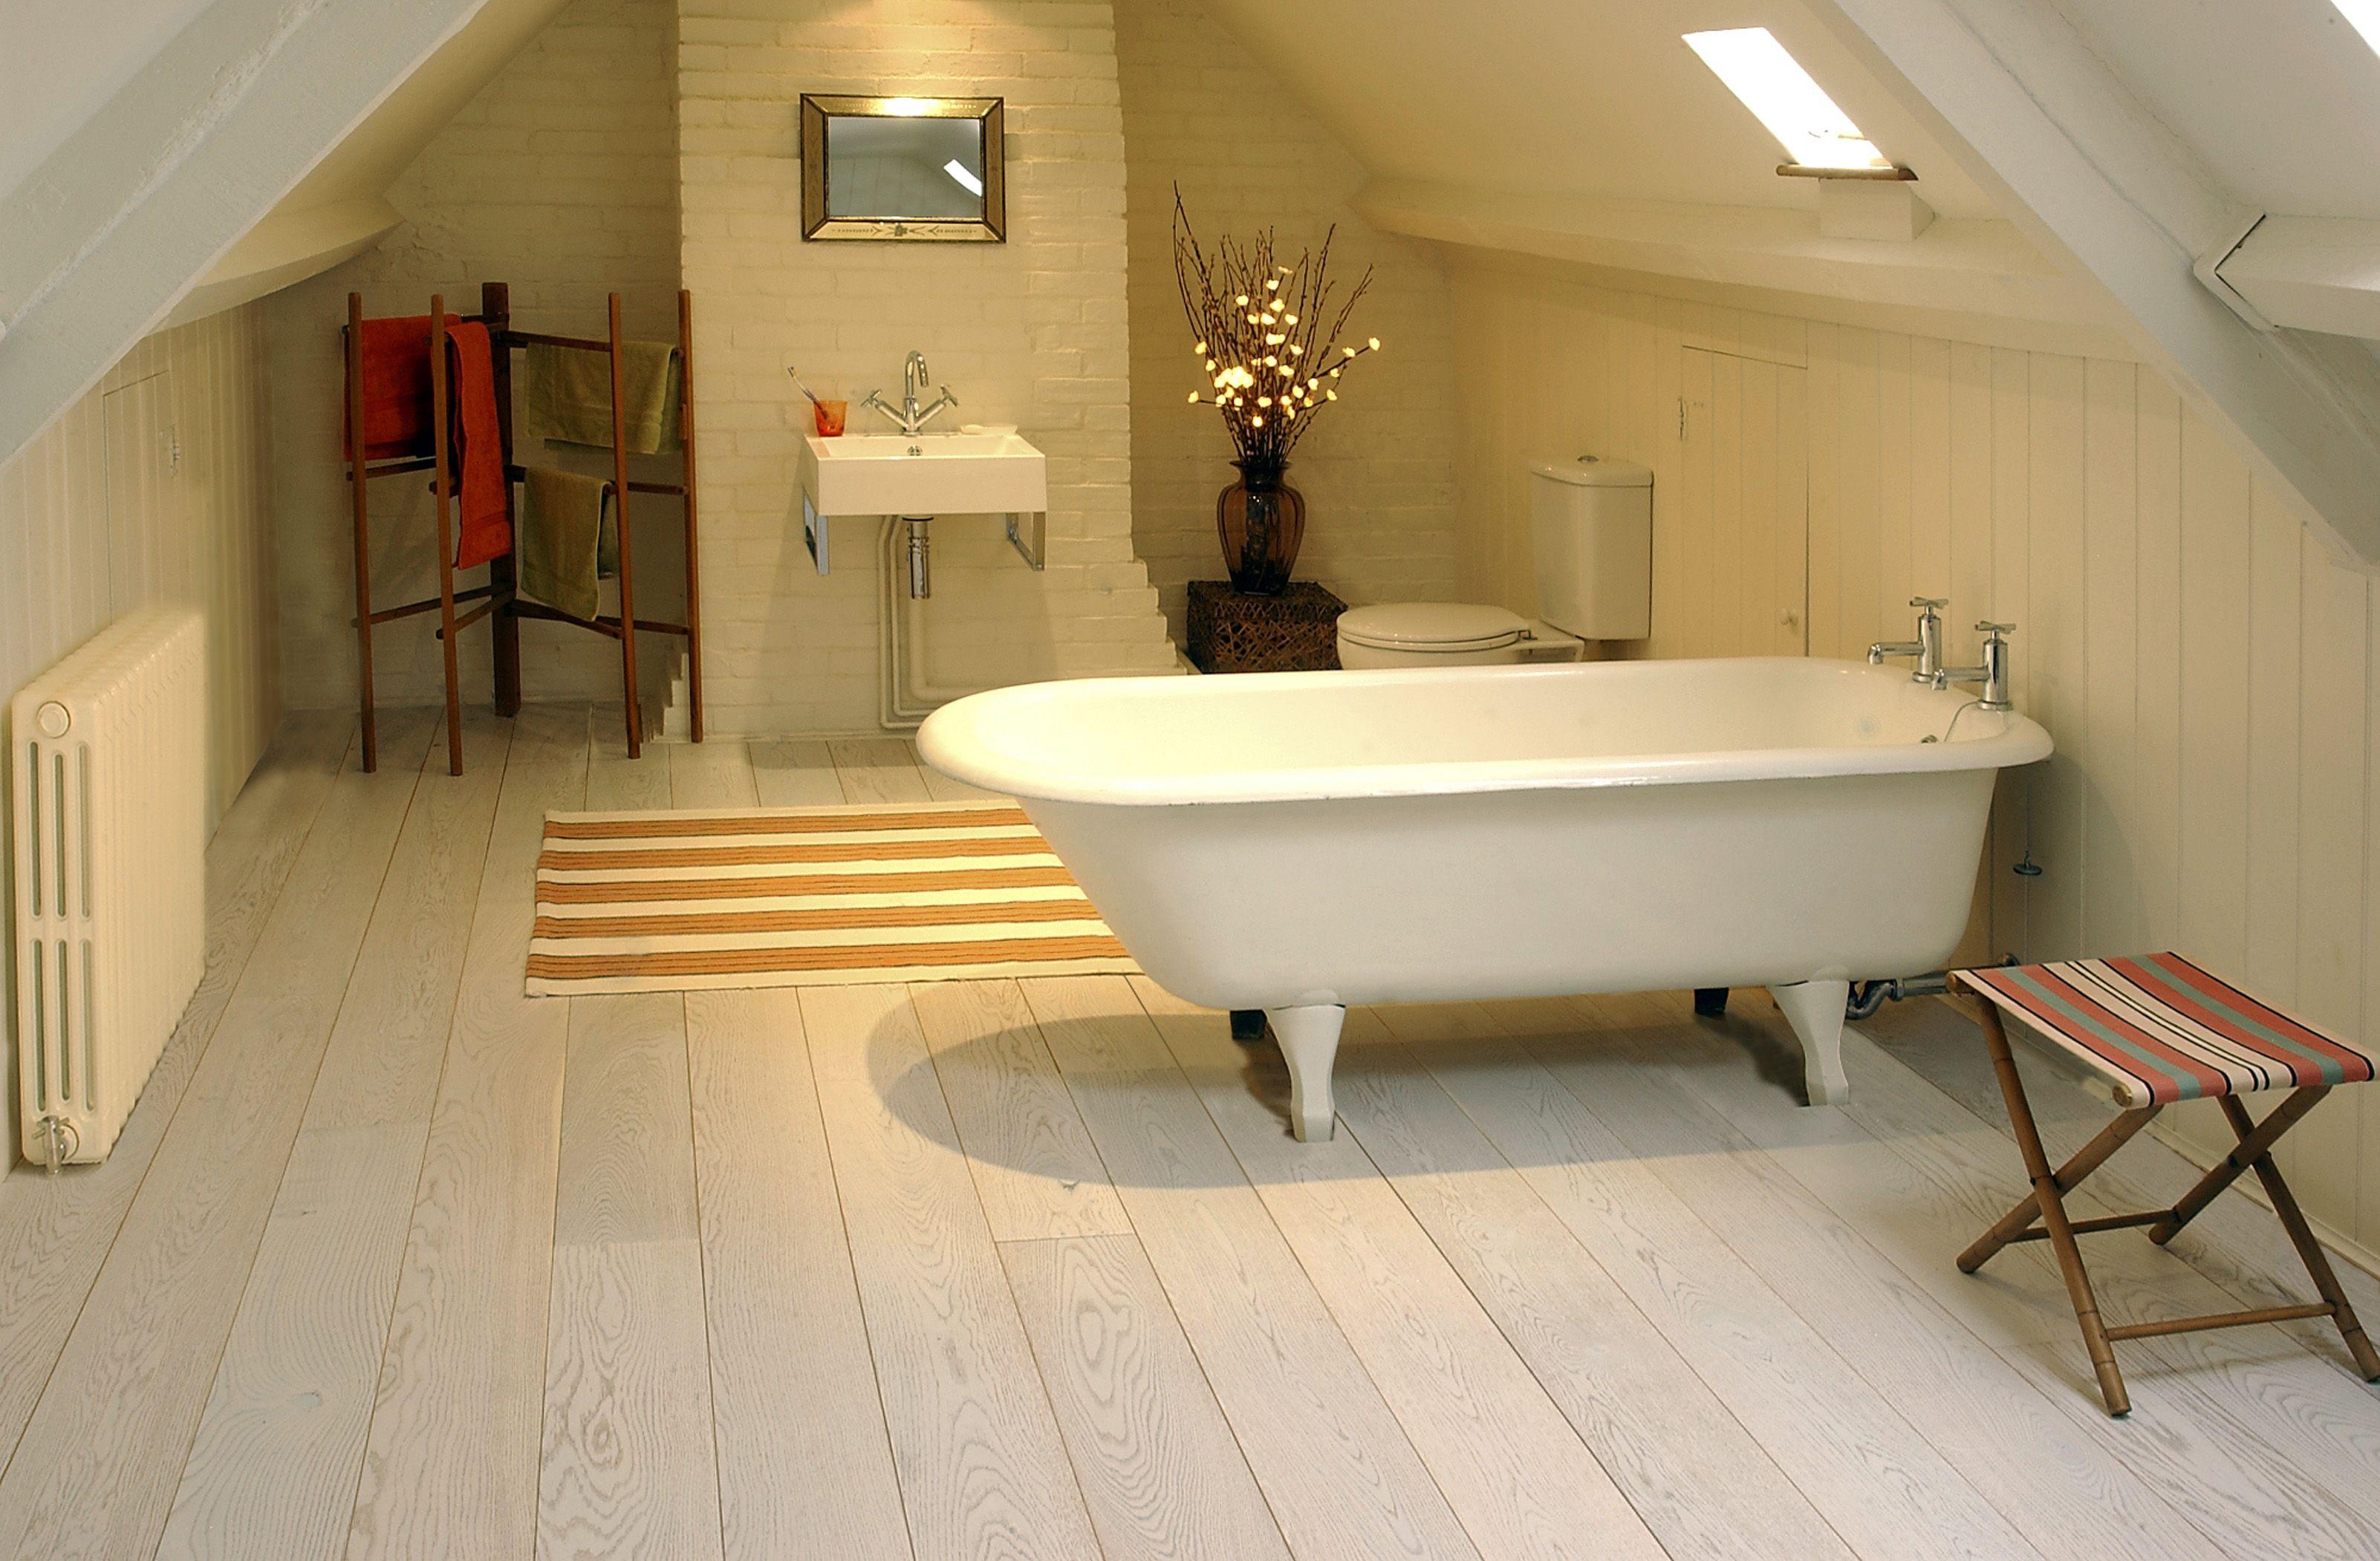 Engineered Wood Flooring For Bathroom3204 X 2102 Bathroom Flooring Options Wood Floor Bathroom Best Bathroom Flooring